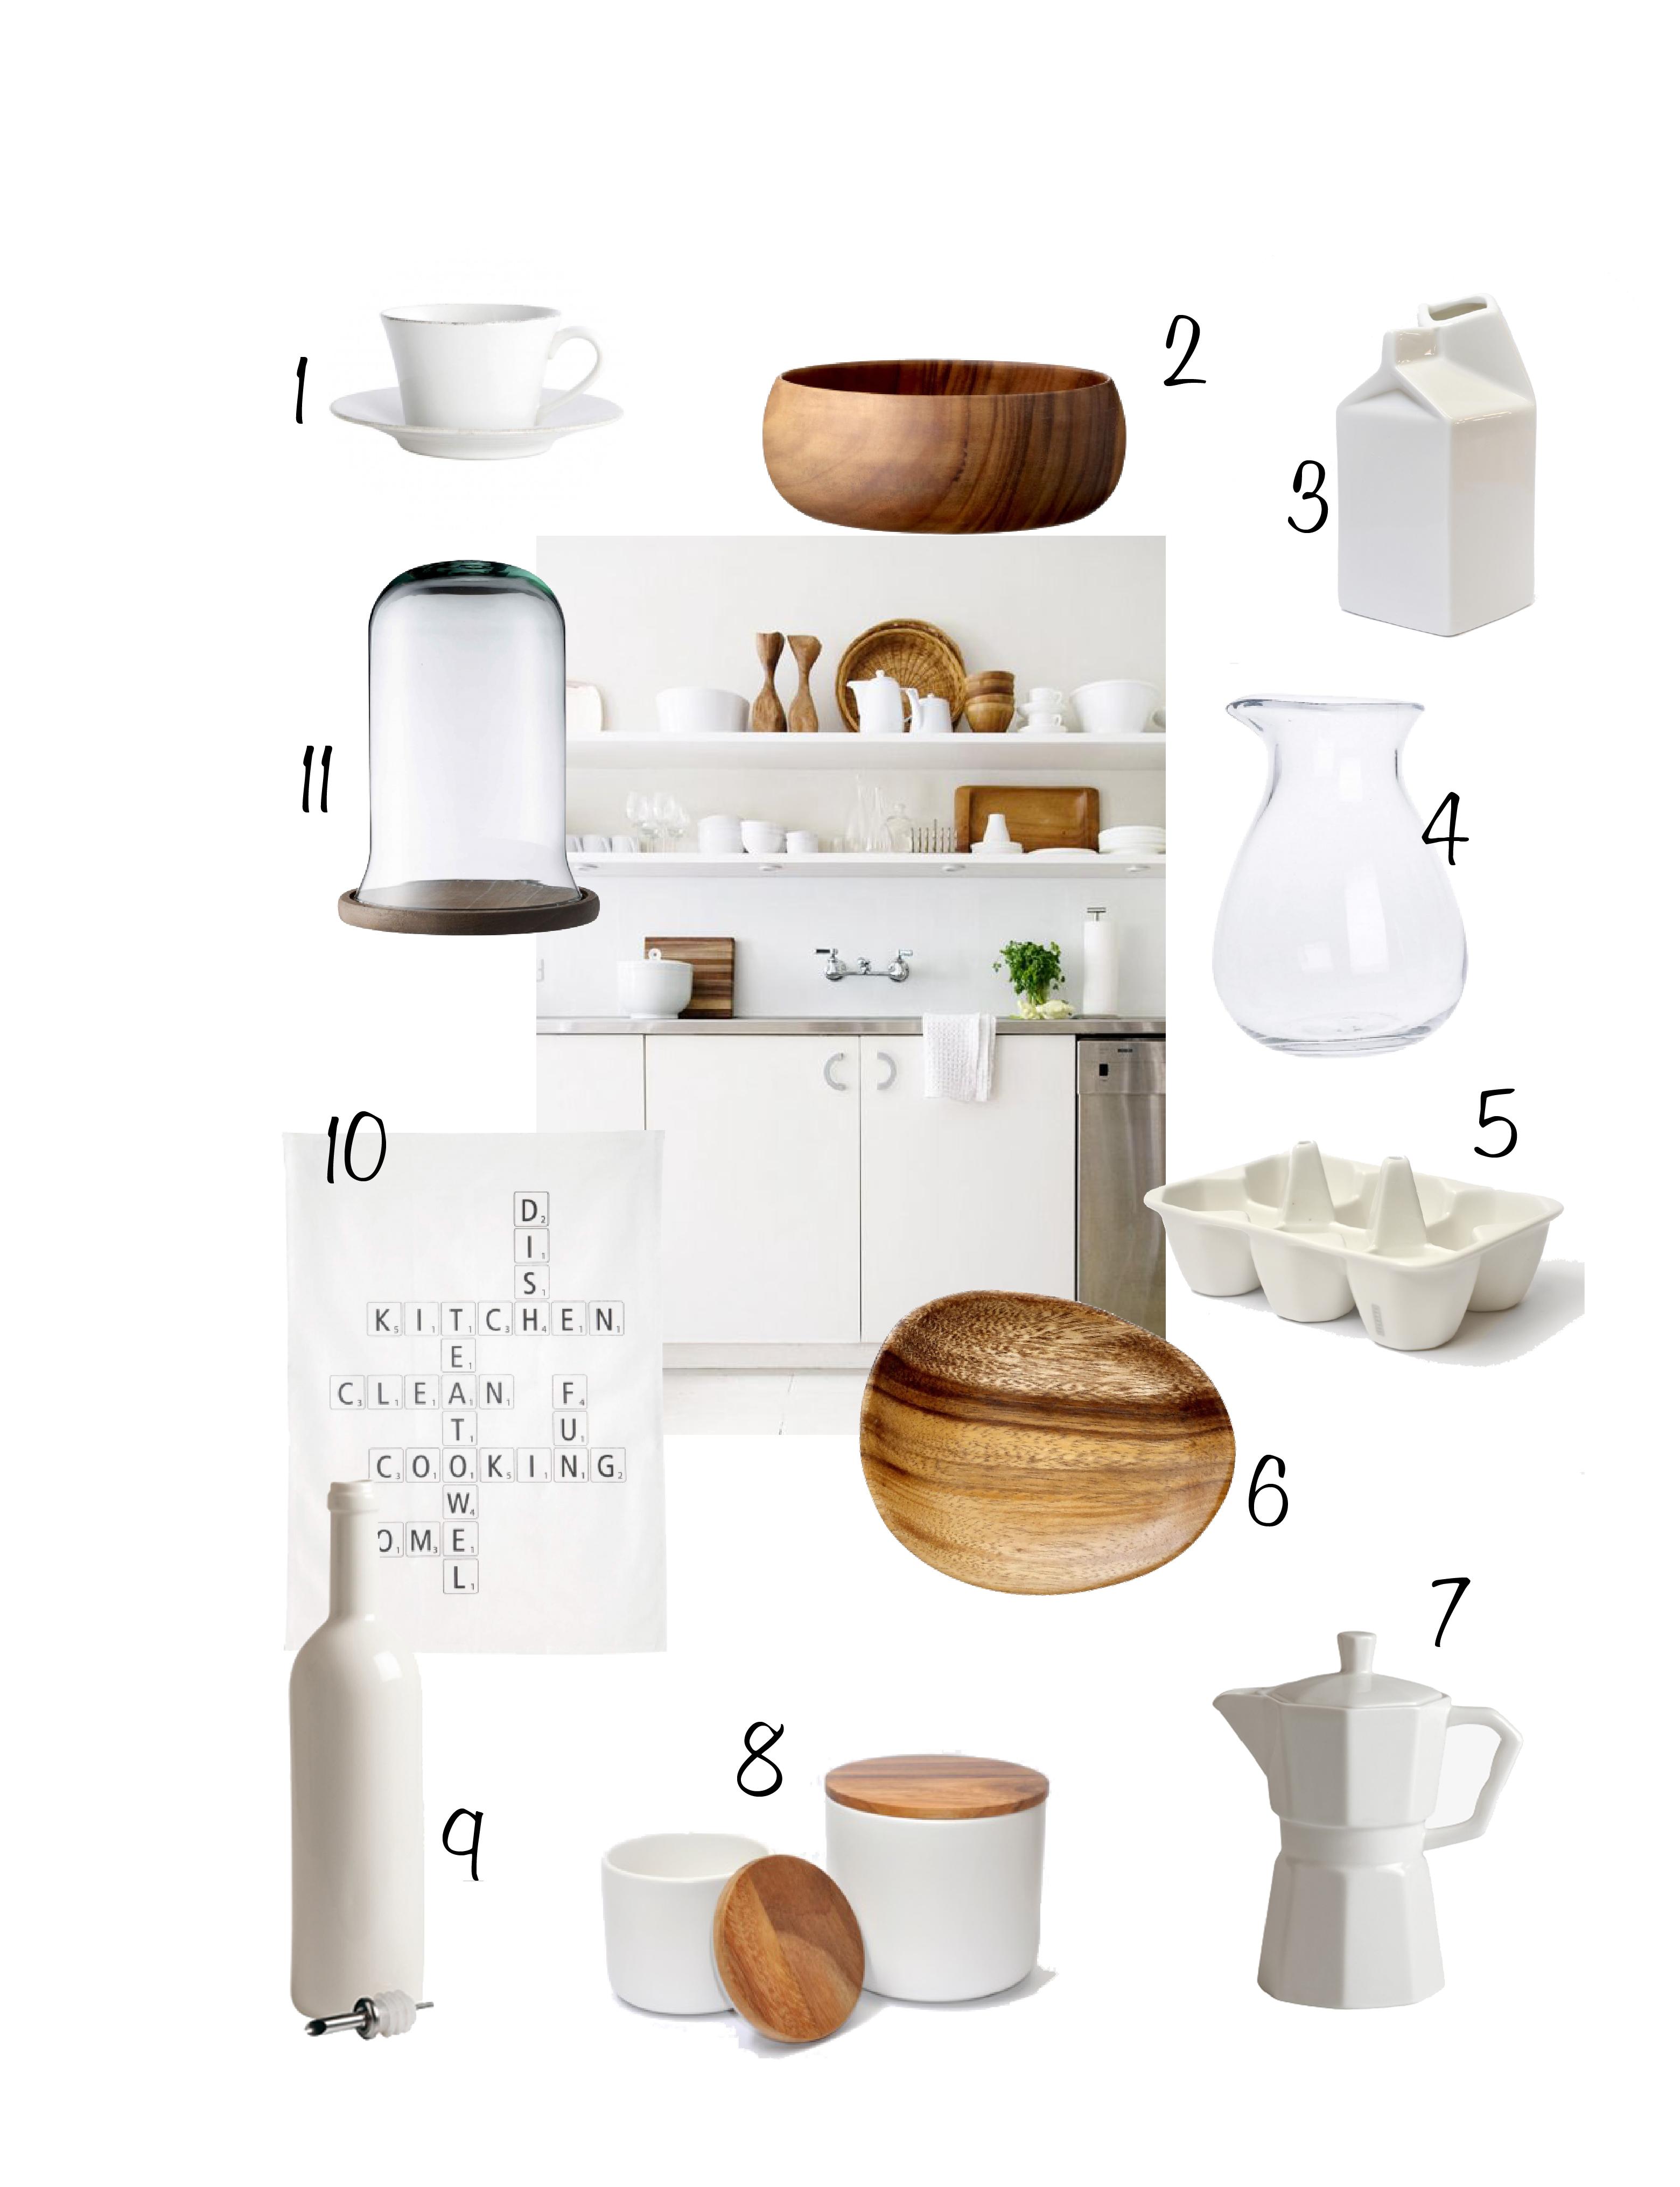 accesorios de cocina  d8e54900b9a0